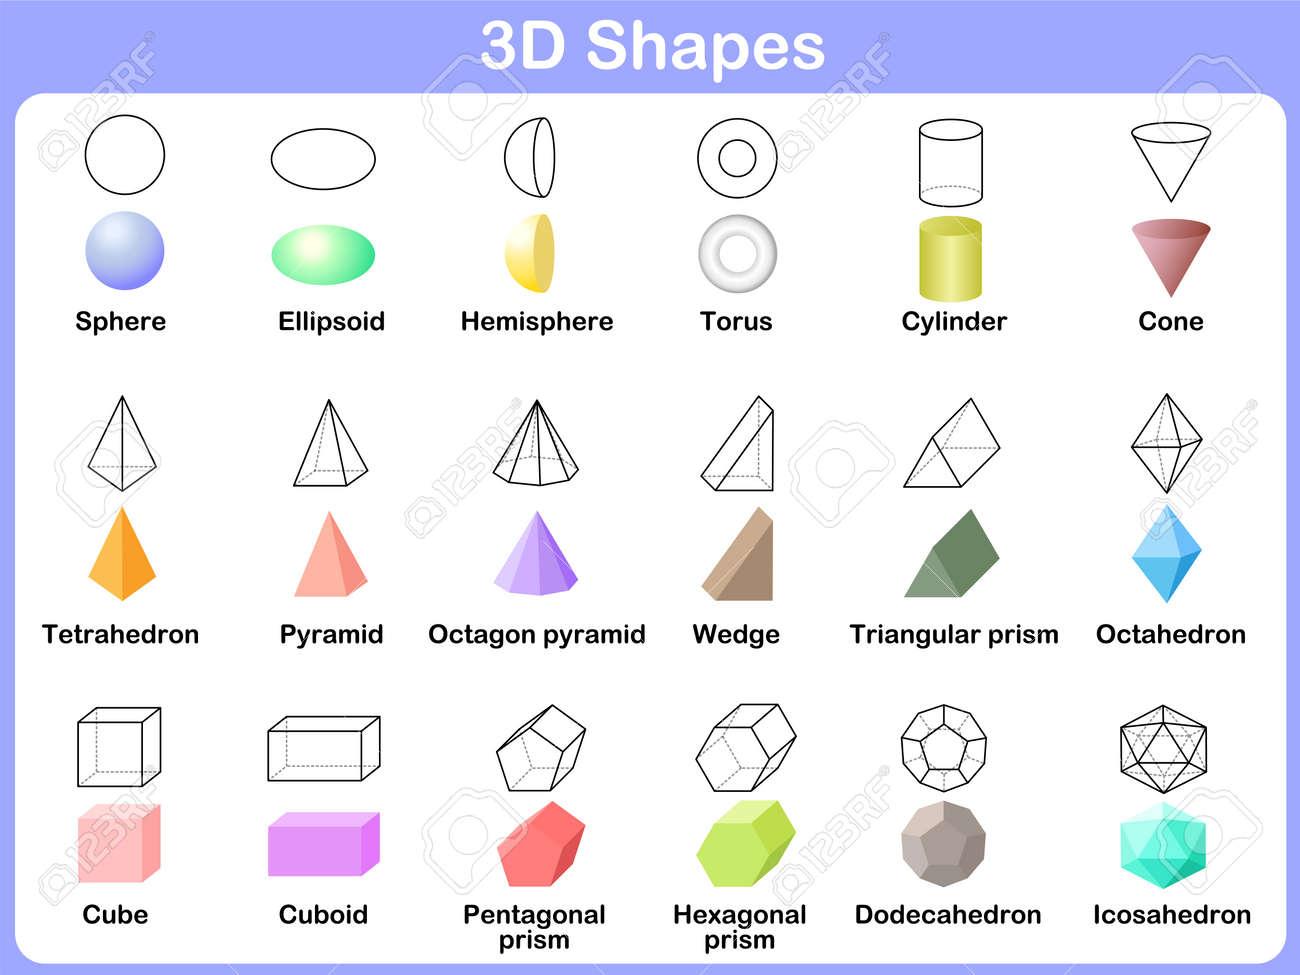 Form 3D: Das Erlernen Der 3D-Formen Für Kinder Lizenzfrei Nutzbare ...